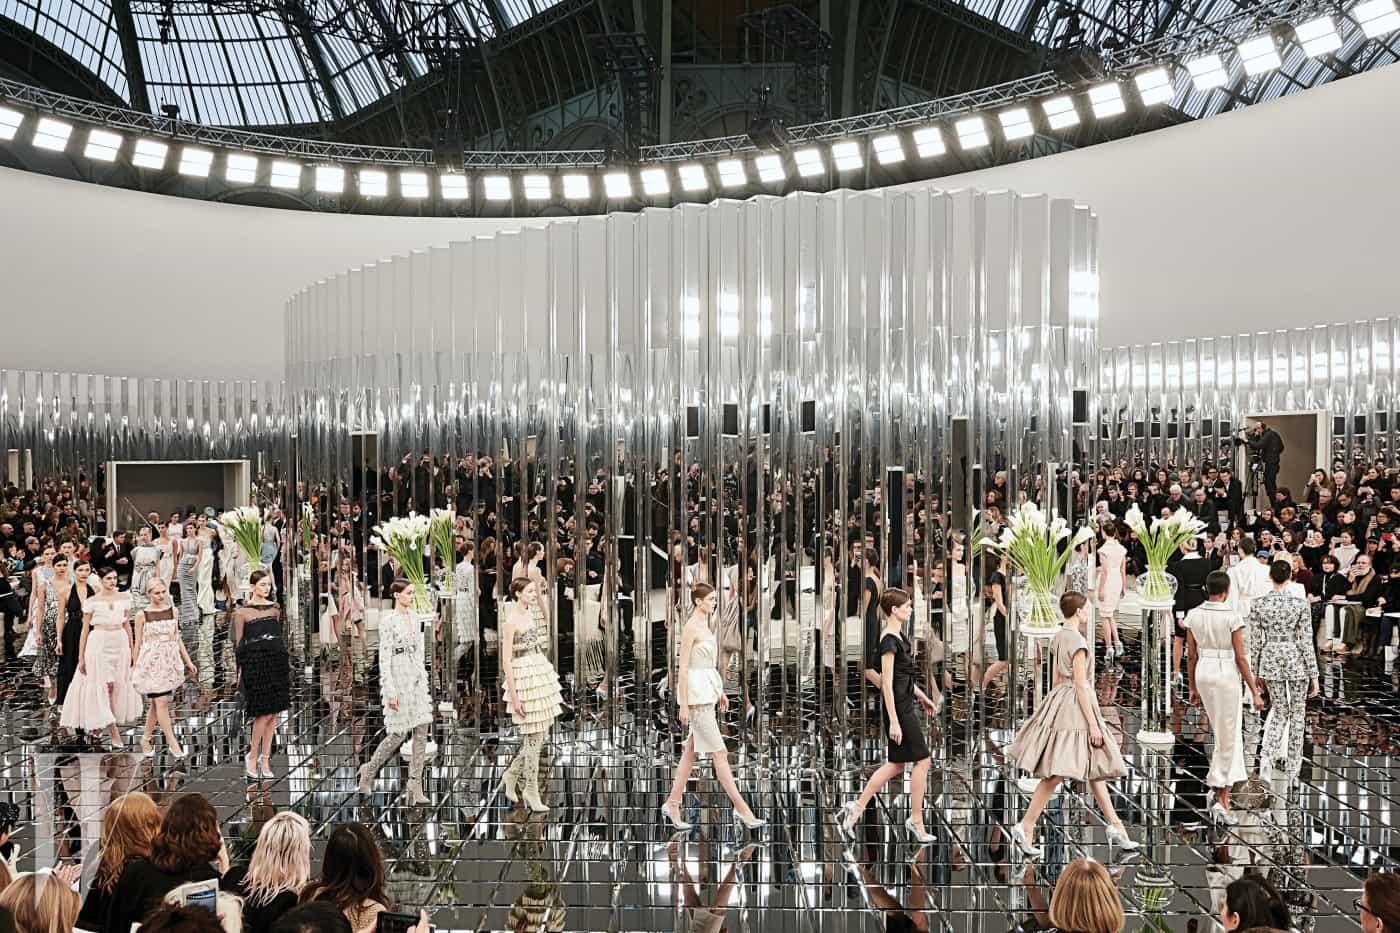 2017 S/S 샤넬 오트 쿠튀르 컬렉션의 피날레. 원통형 기둥과 거울로 완성된 무대는 아르데코 양식에서 영감을 얻었다.